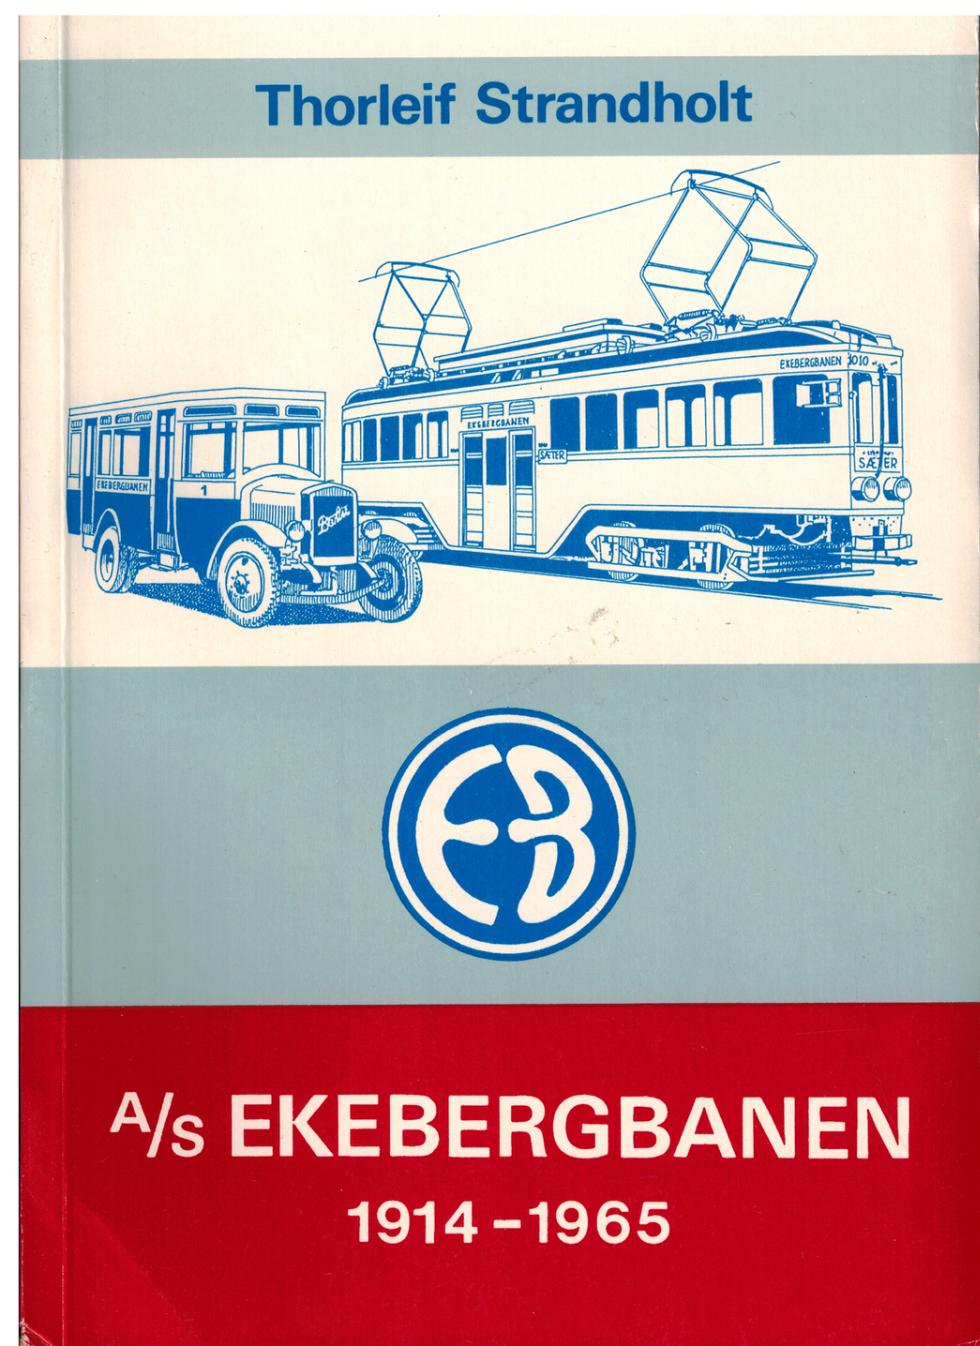 A/S Ekebergbanen 1914 - 1965